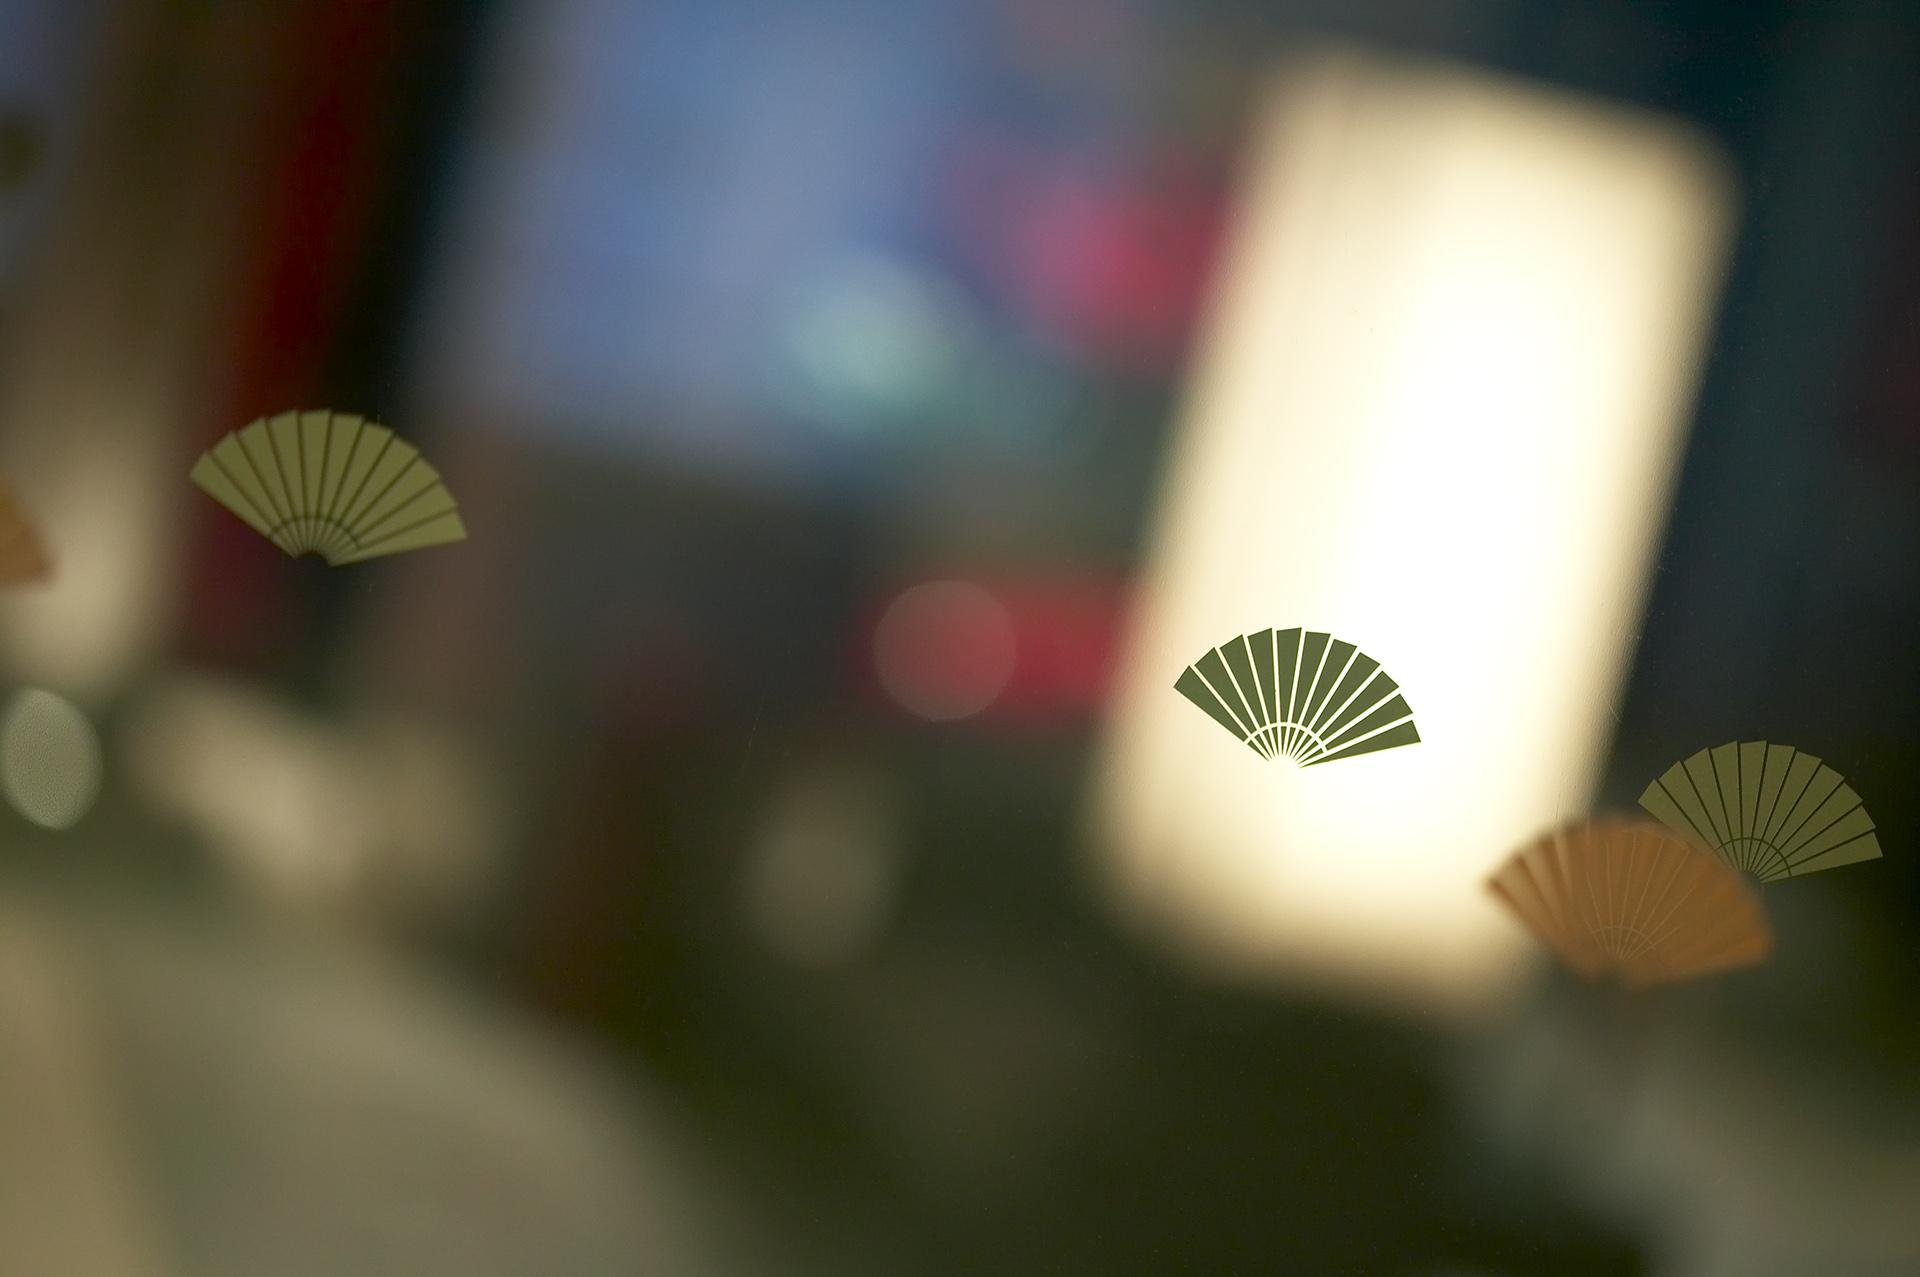 mandarin oriental tokyo | interior design LTW designworks